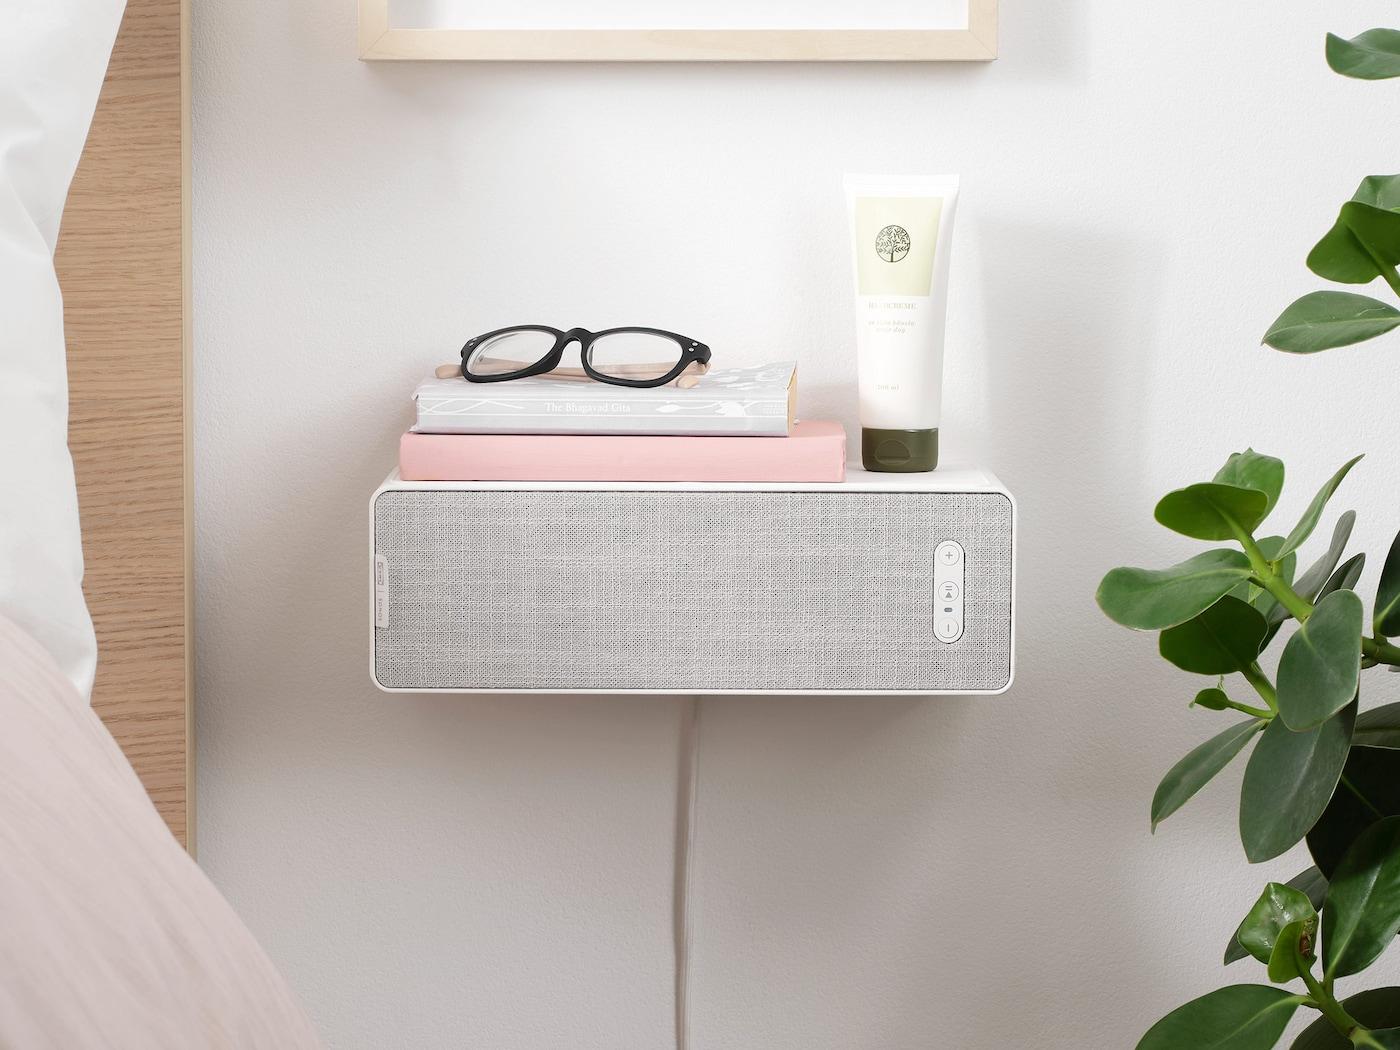 SYMFONISK bokhyllehøyttaler montert på en vegg og brukt som nattbord ved siden av ei seng.